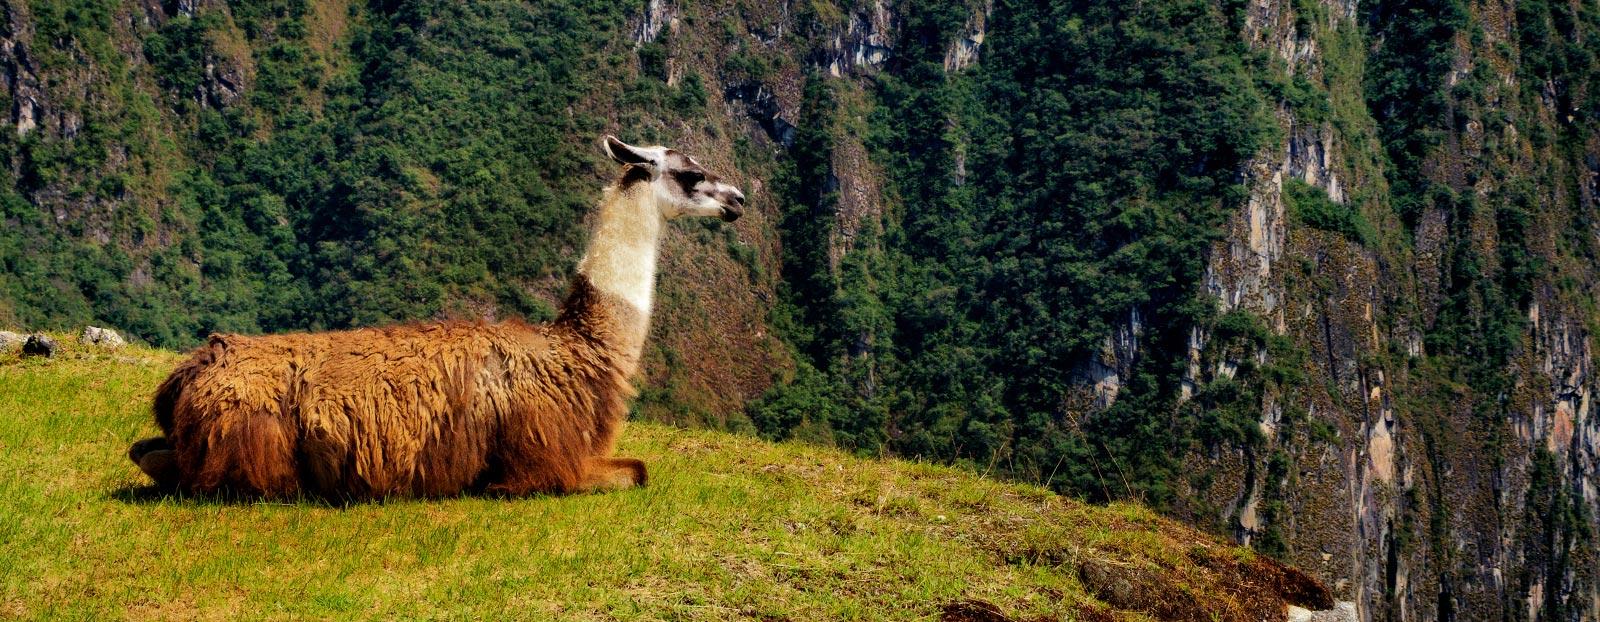 Peru landscape: natural habitat of quinoa